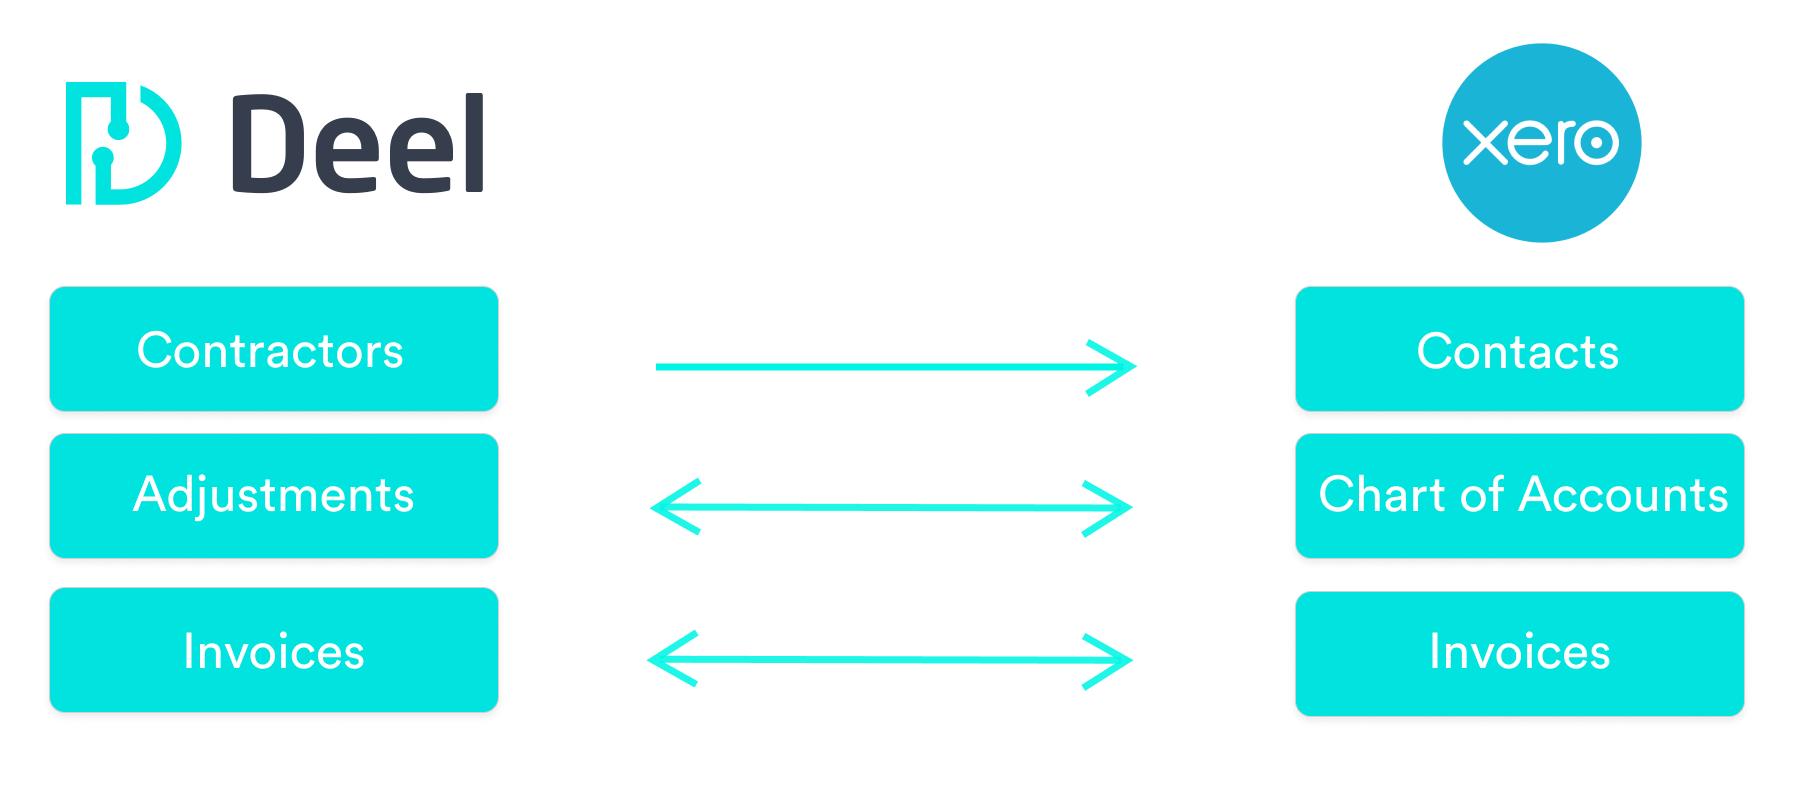 deel-xero data flow diagram